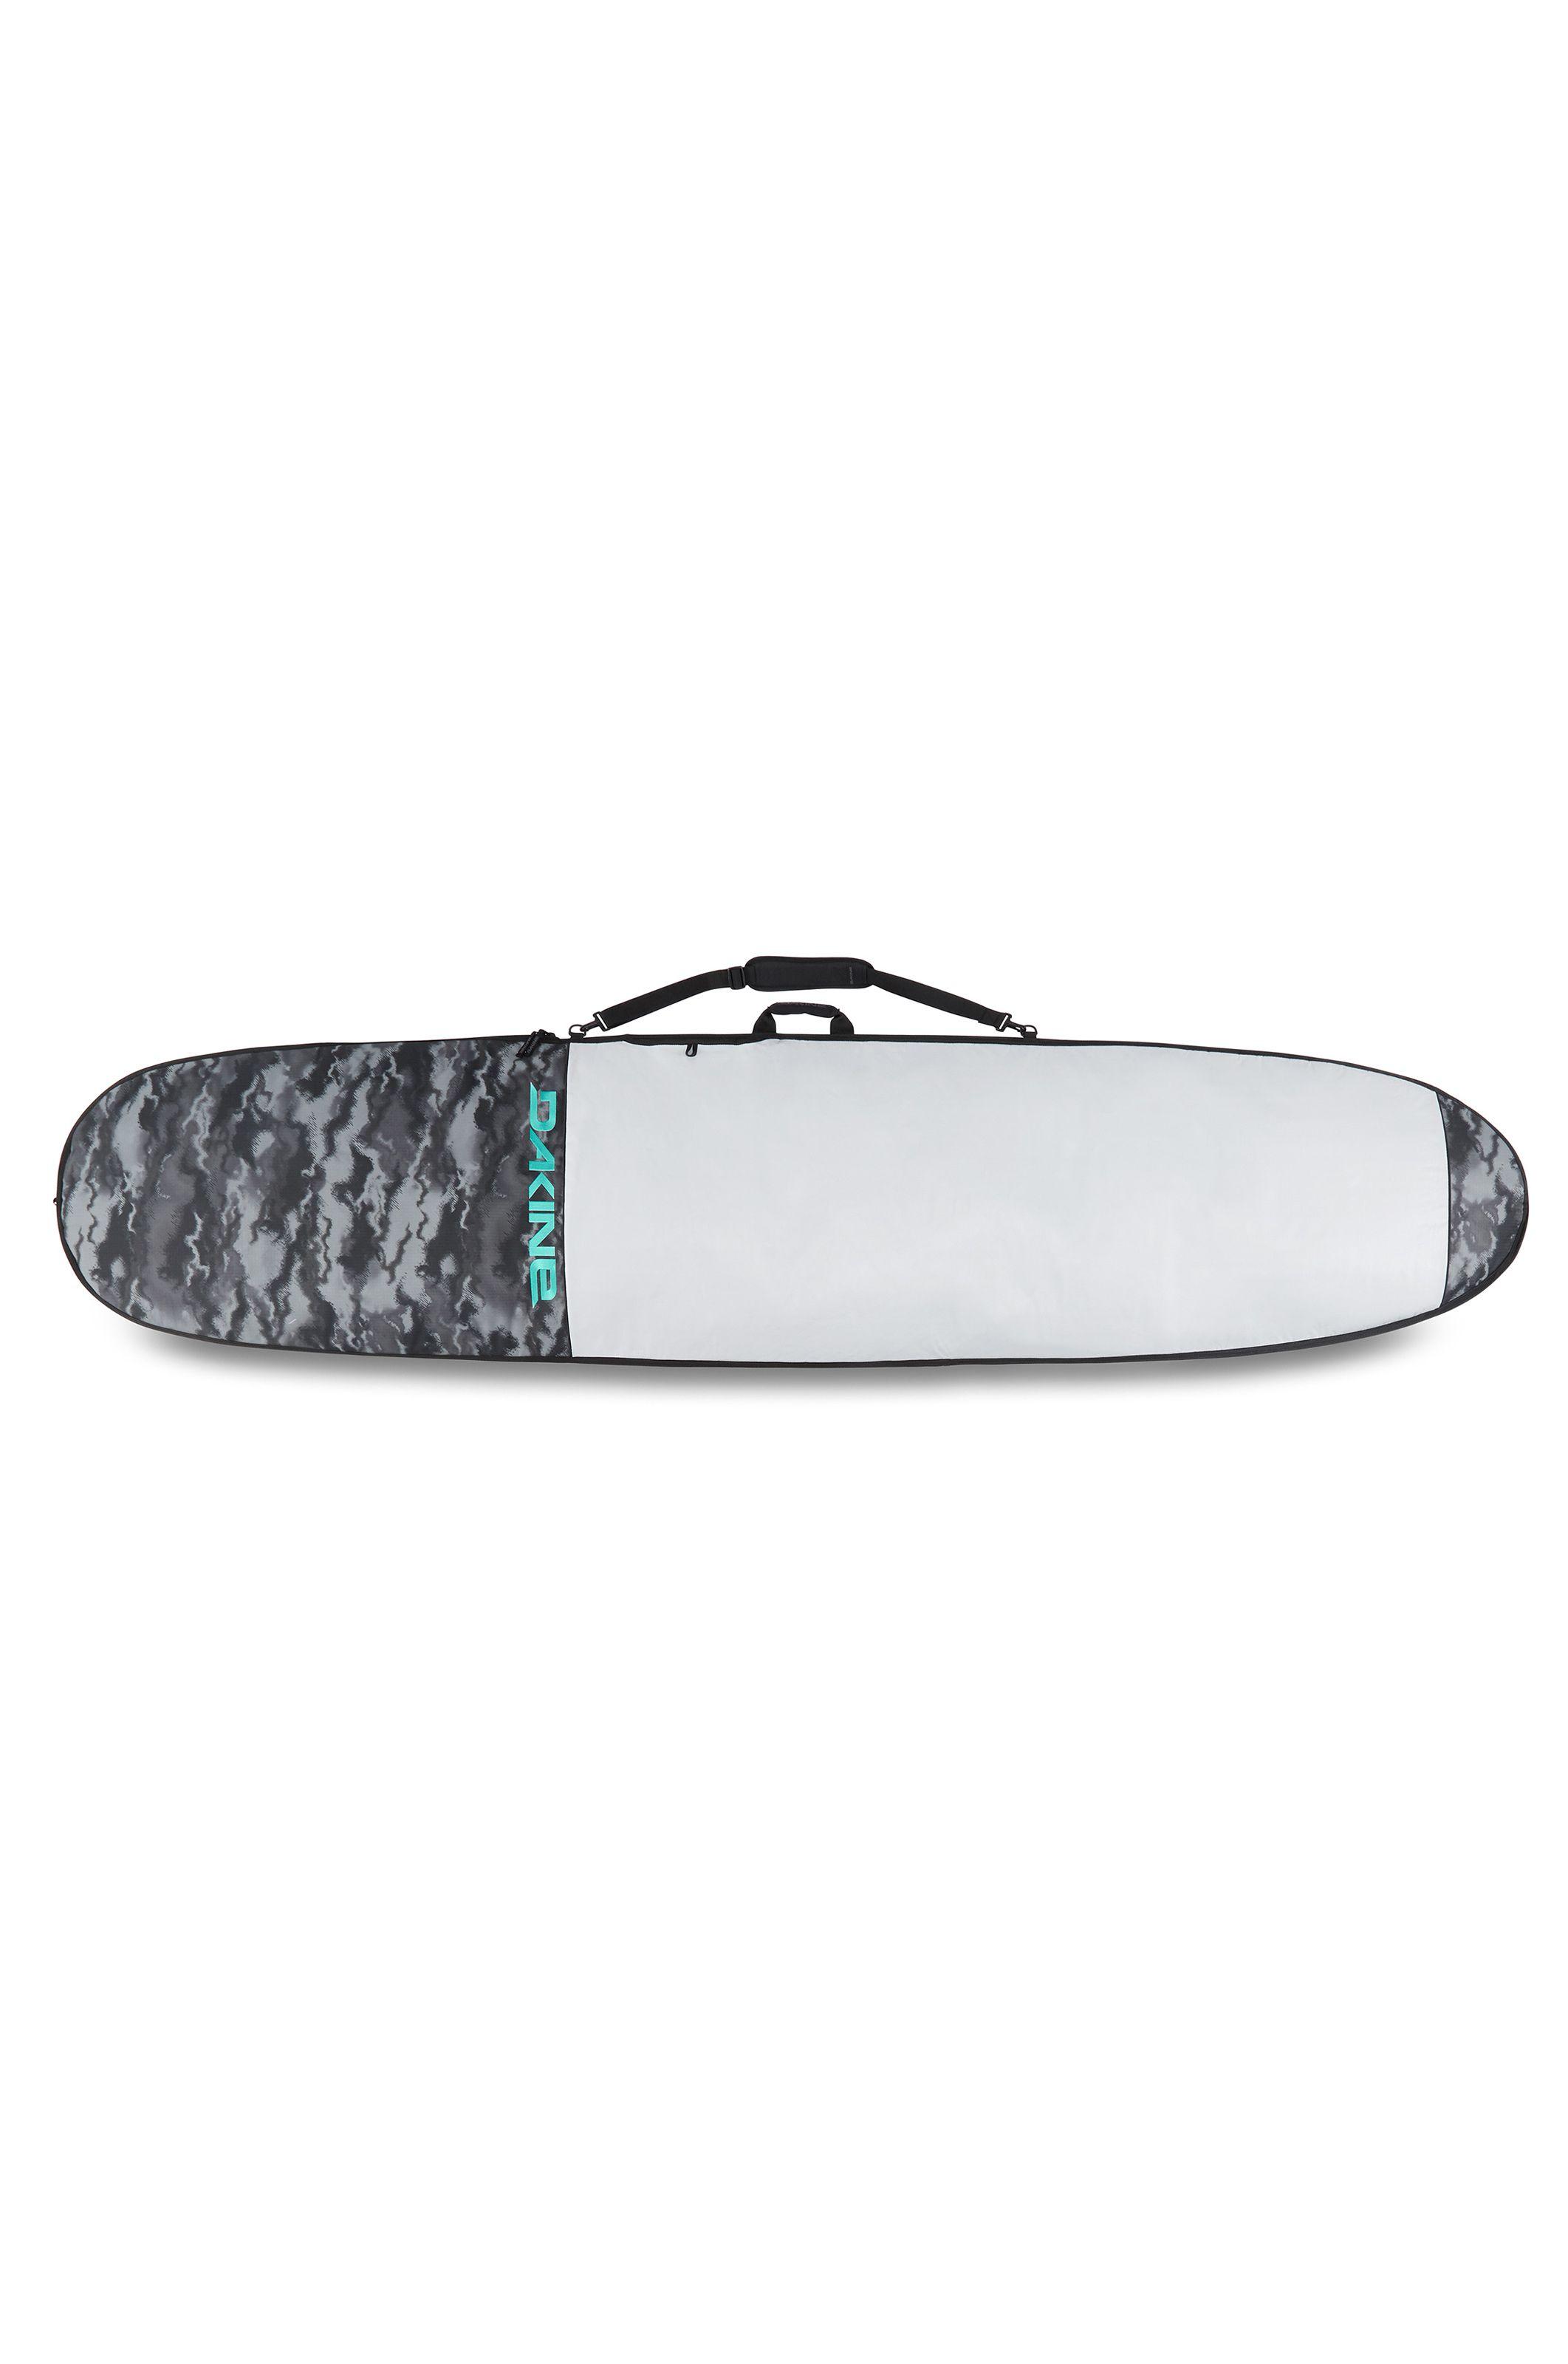 Dakine Boardbag 9'6 DAYLIGHT SURFBOARD BAG NOSERIDER Dark Ashcroft Camo